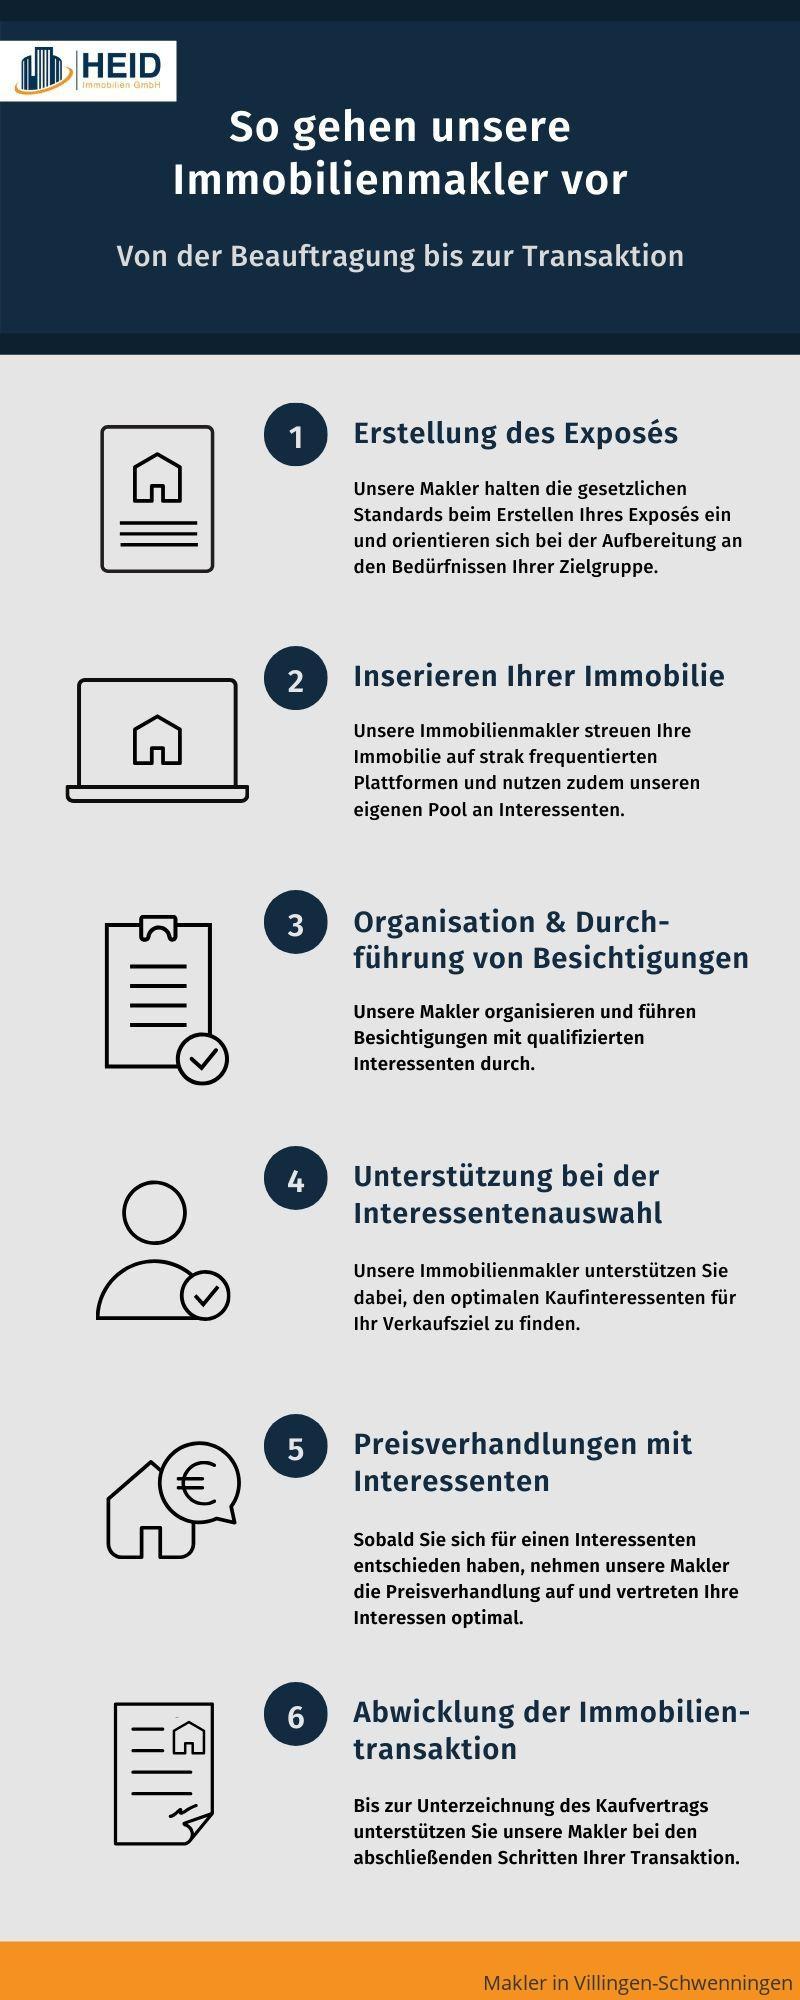 Ablauf einer Maklerbeauftragung in Villingen-Schwenningen